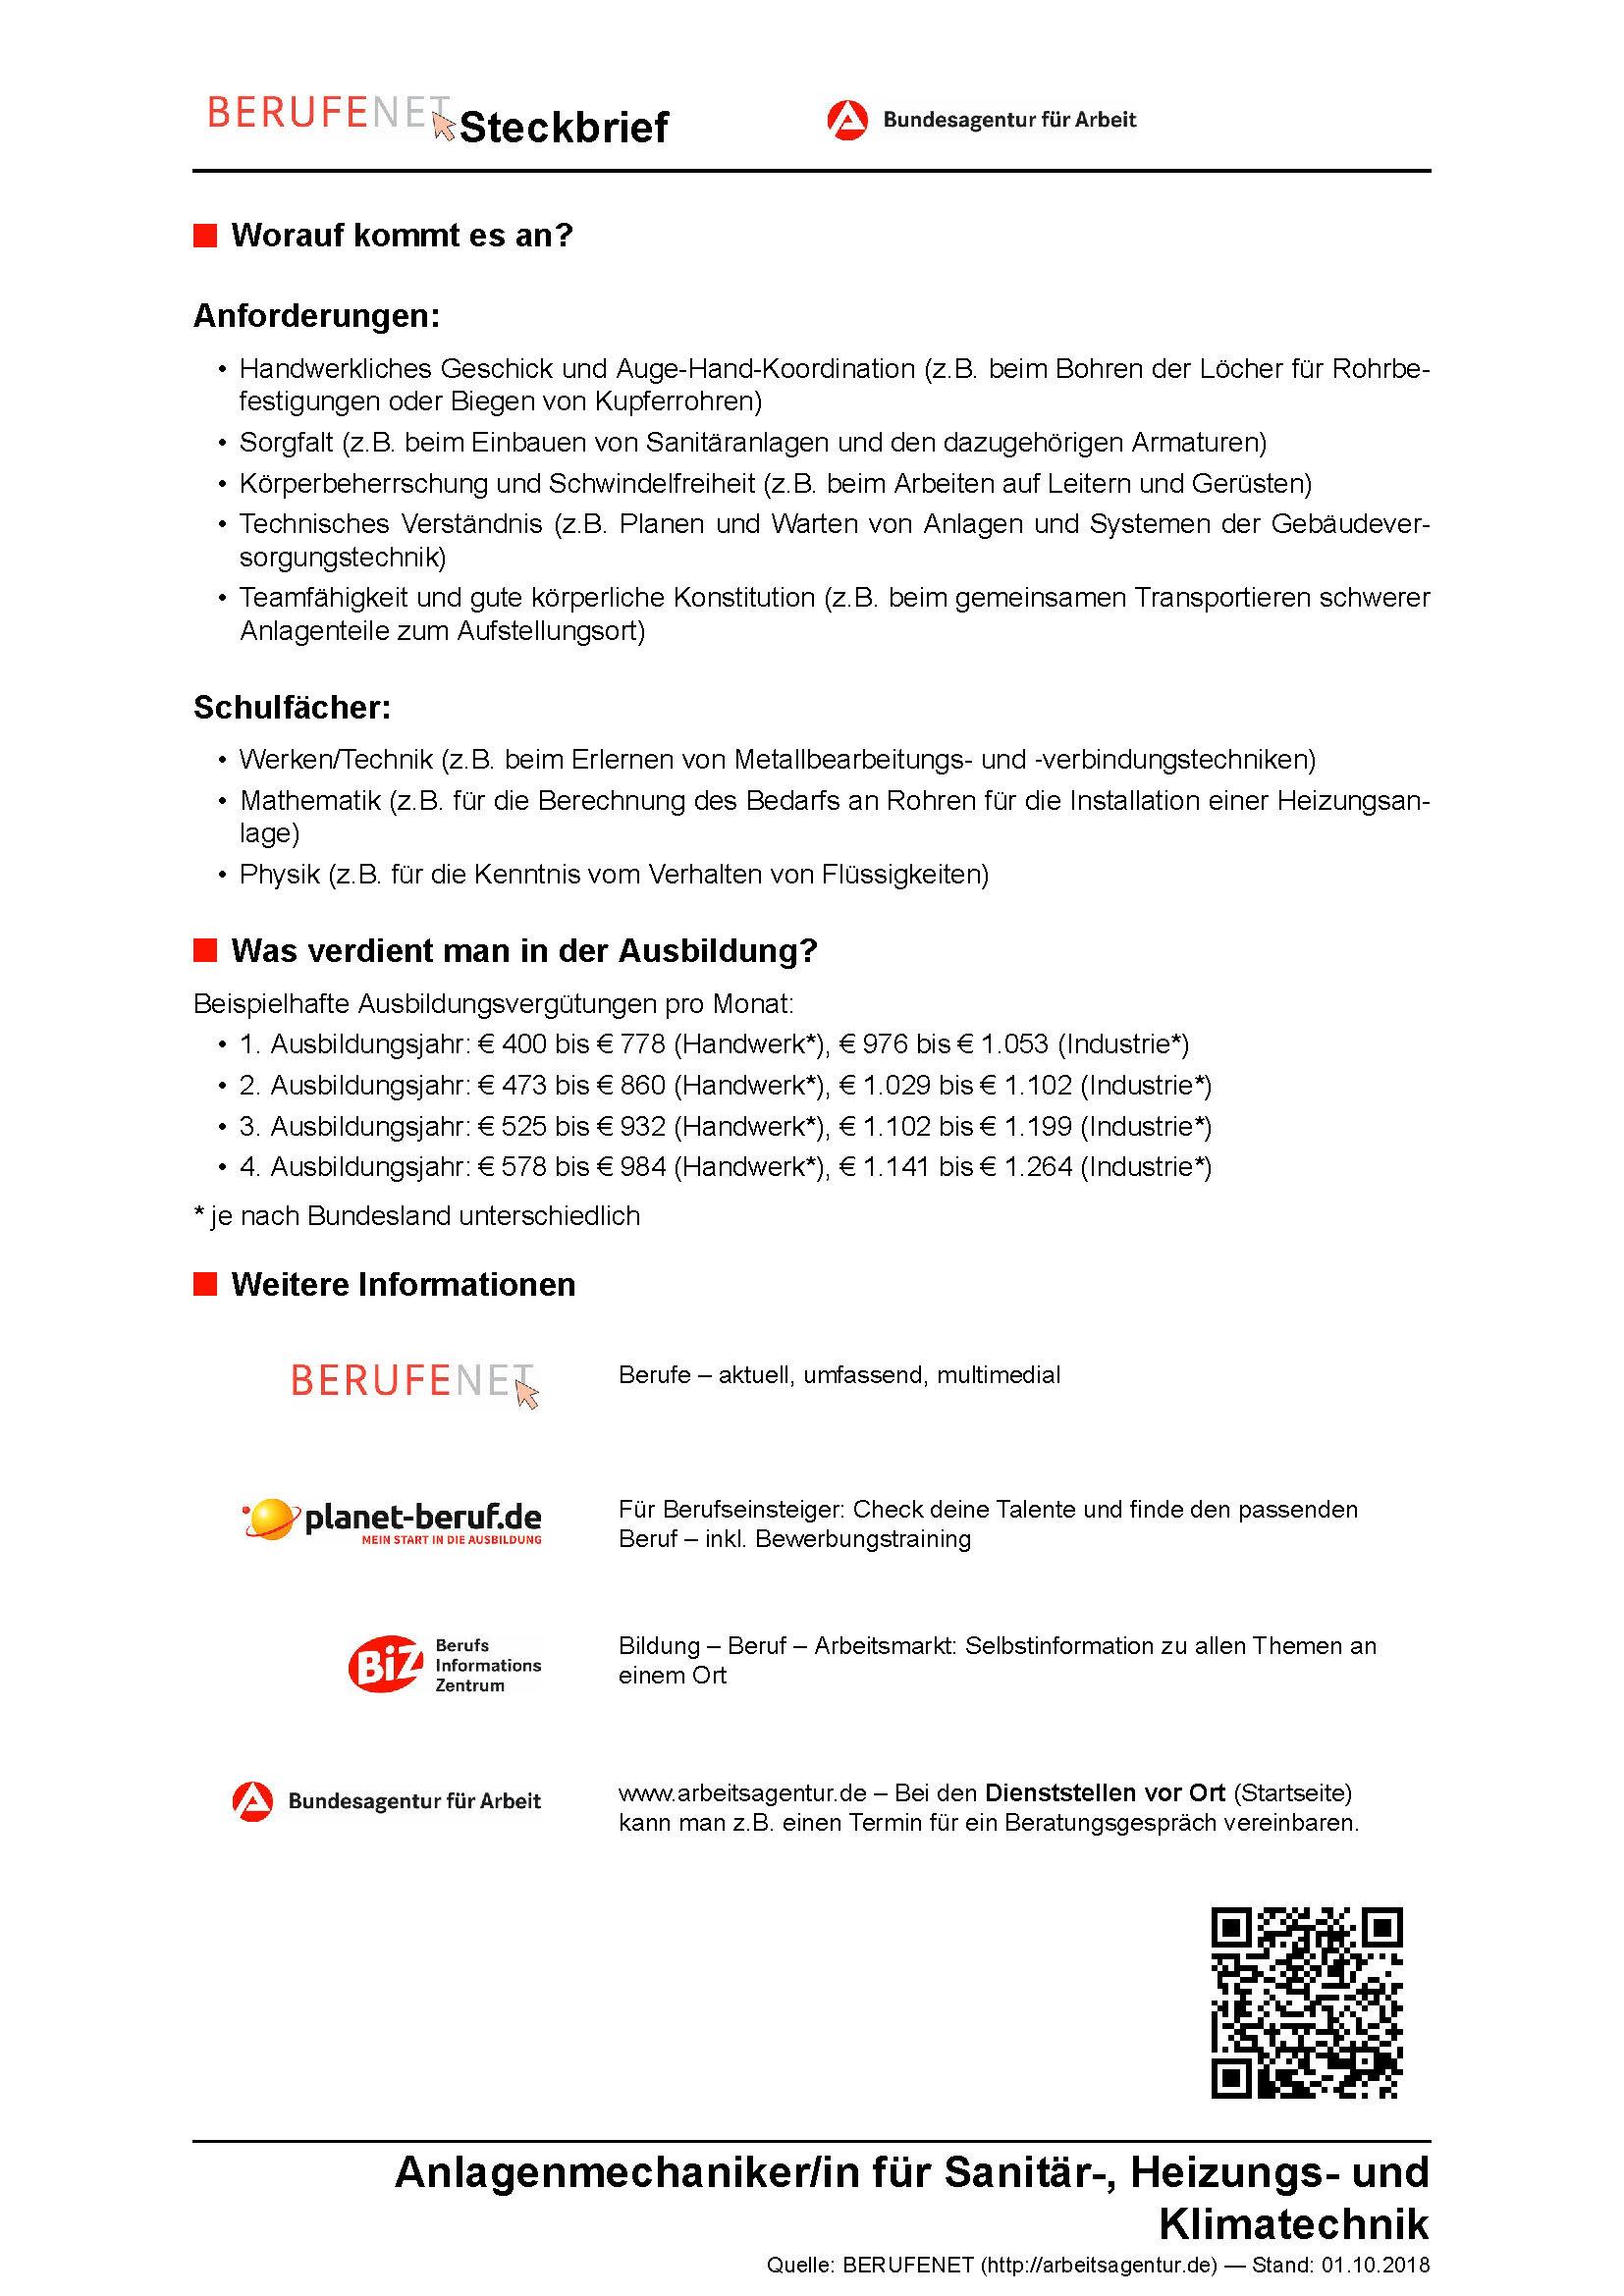 Bewerbung Anlagenmechaniker Berufseinsteiger Sofort Download